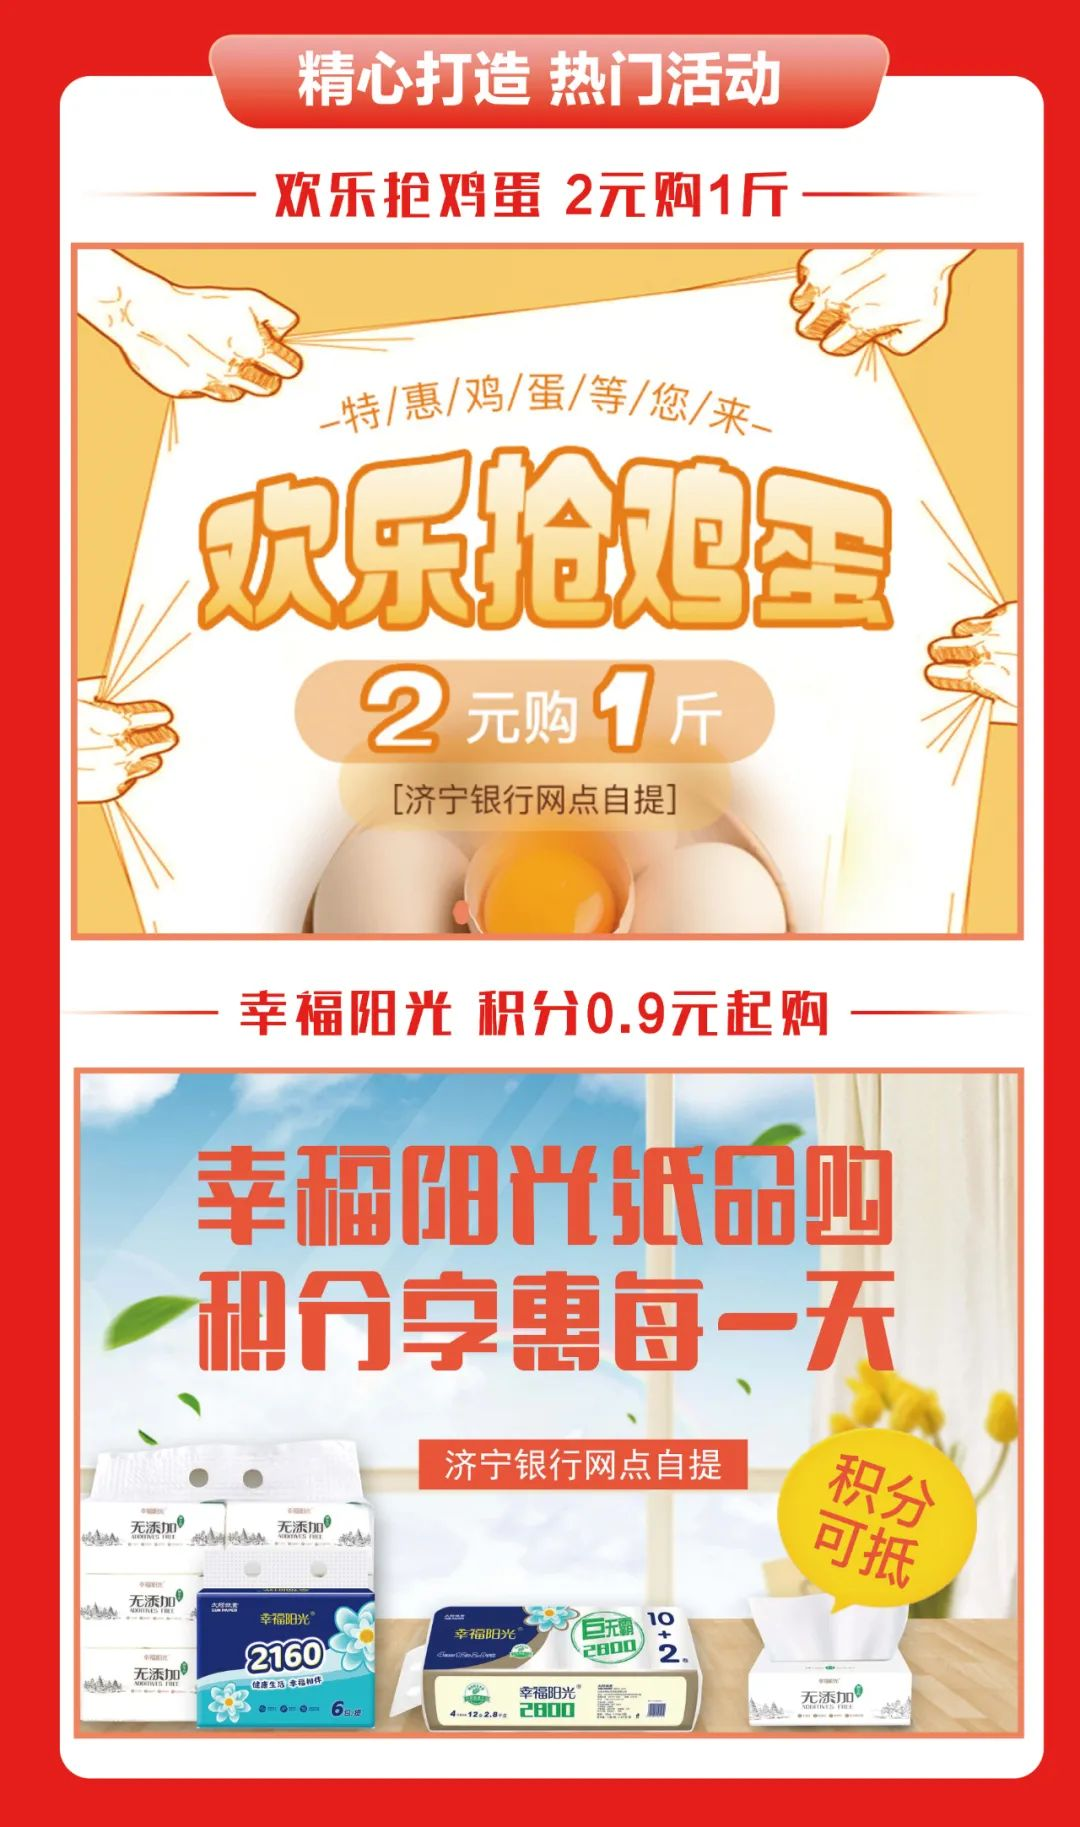 点击看大图 电银付安装教程(dianyinzhifu.com):好消息 | 济宁银行网点小店上线啦~ 第4张